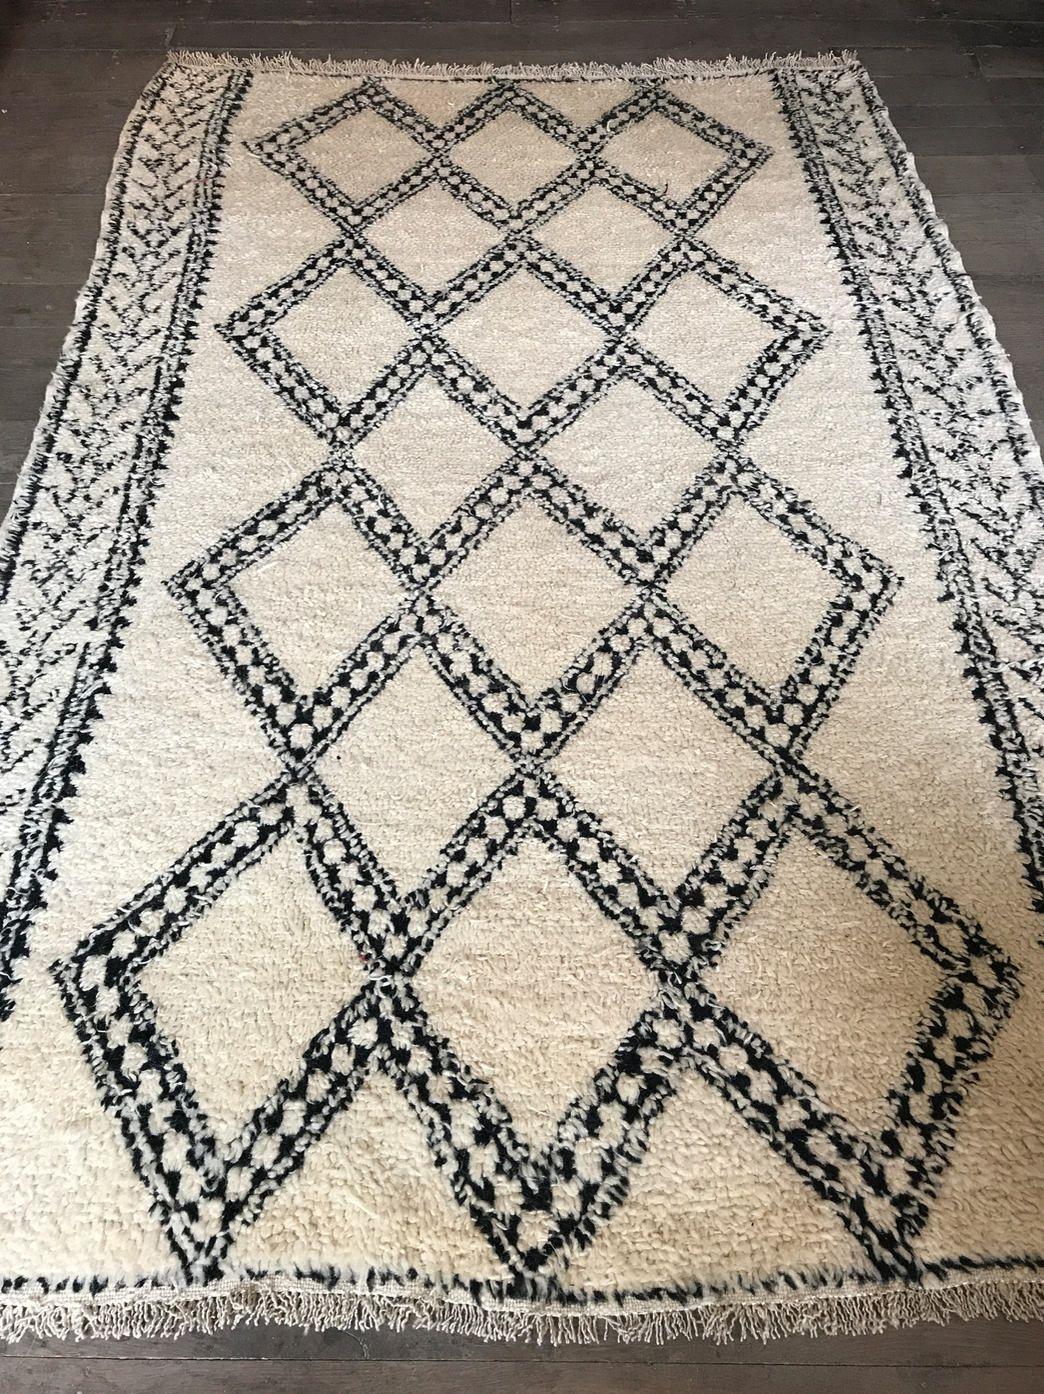 Berber Rug Black White Carpet 100 Natural Wool Black And White Carpet Berber Rug Rugs